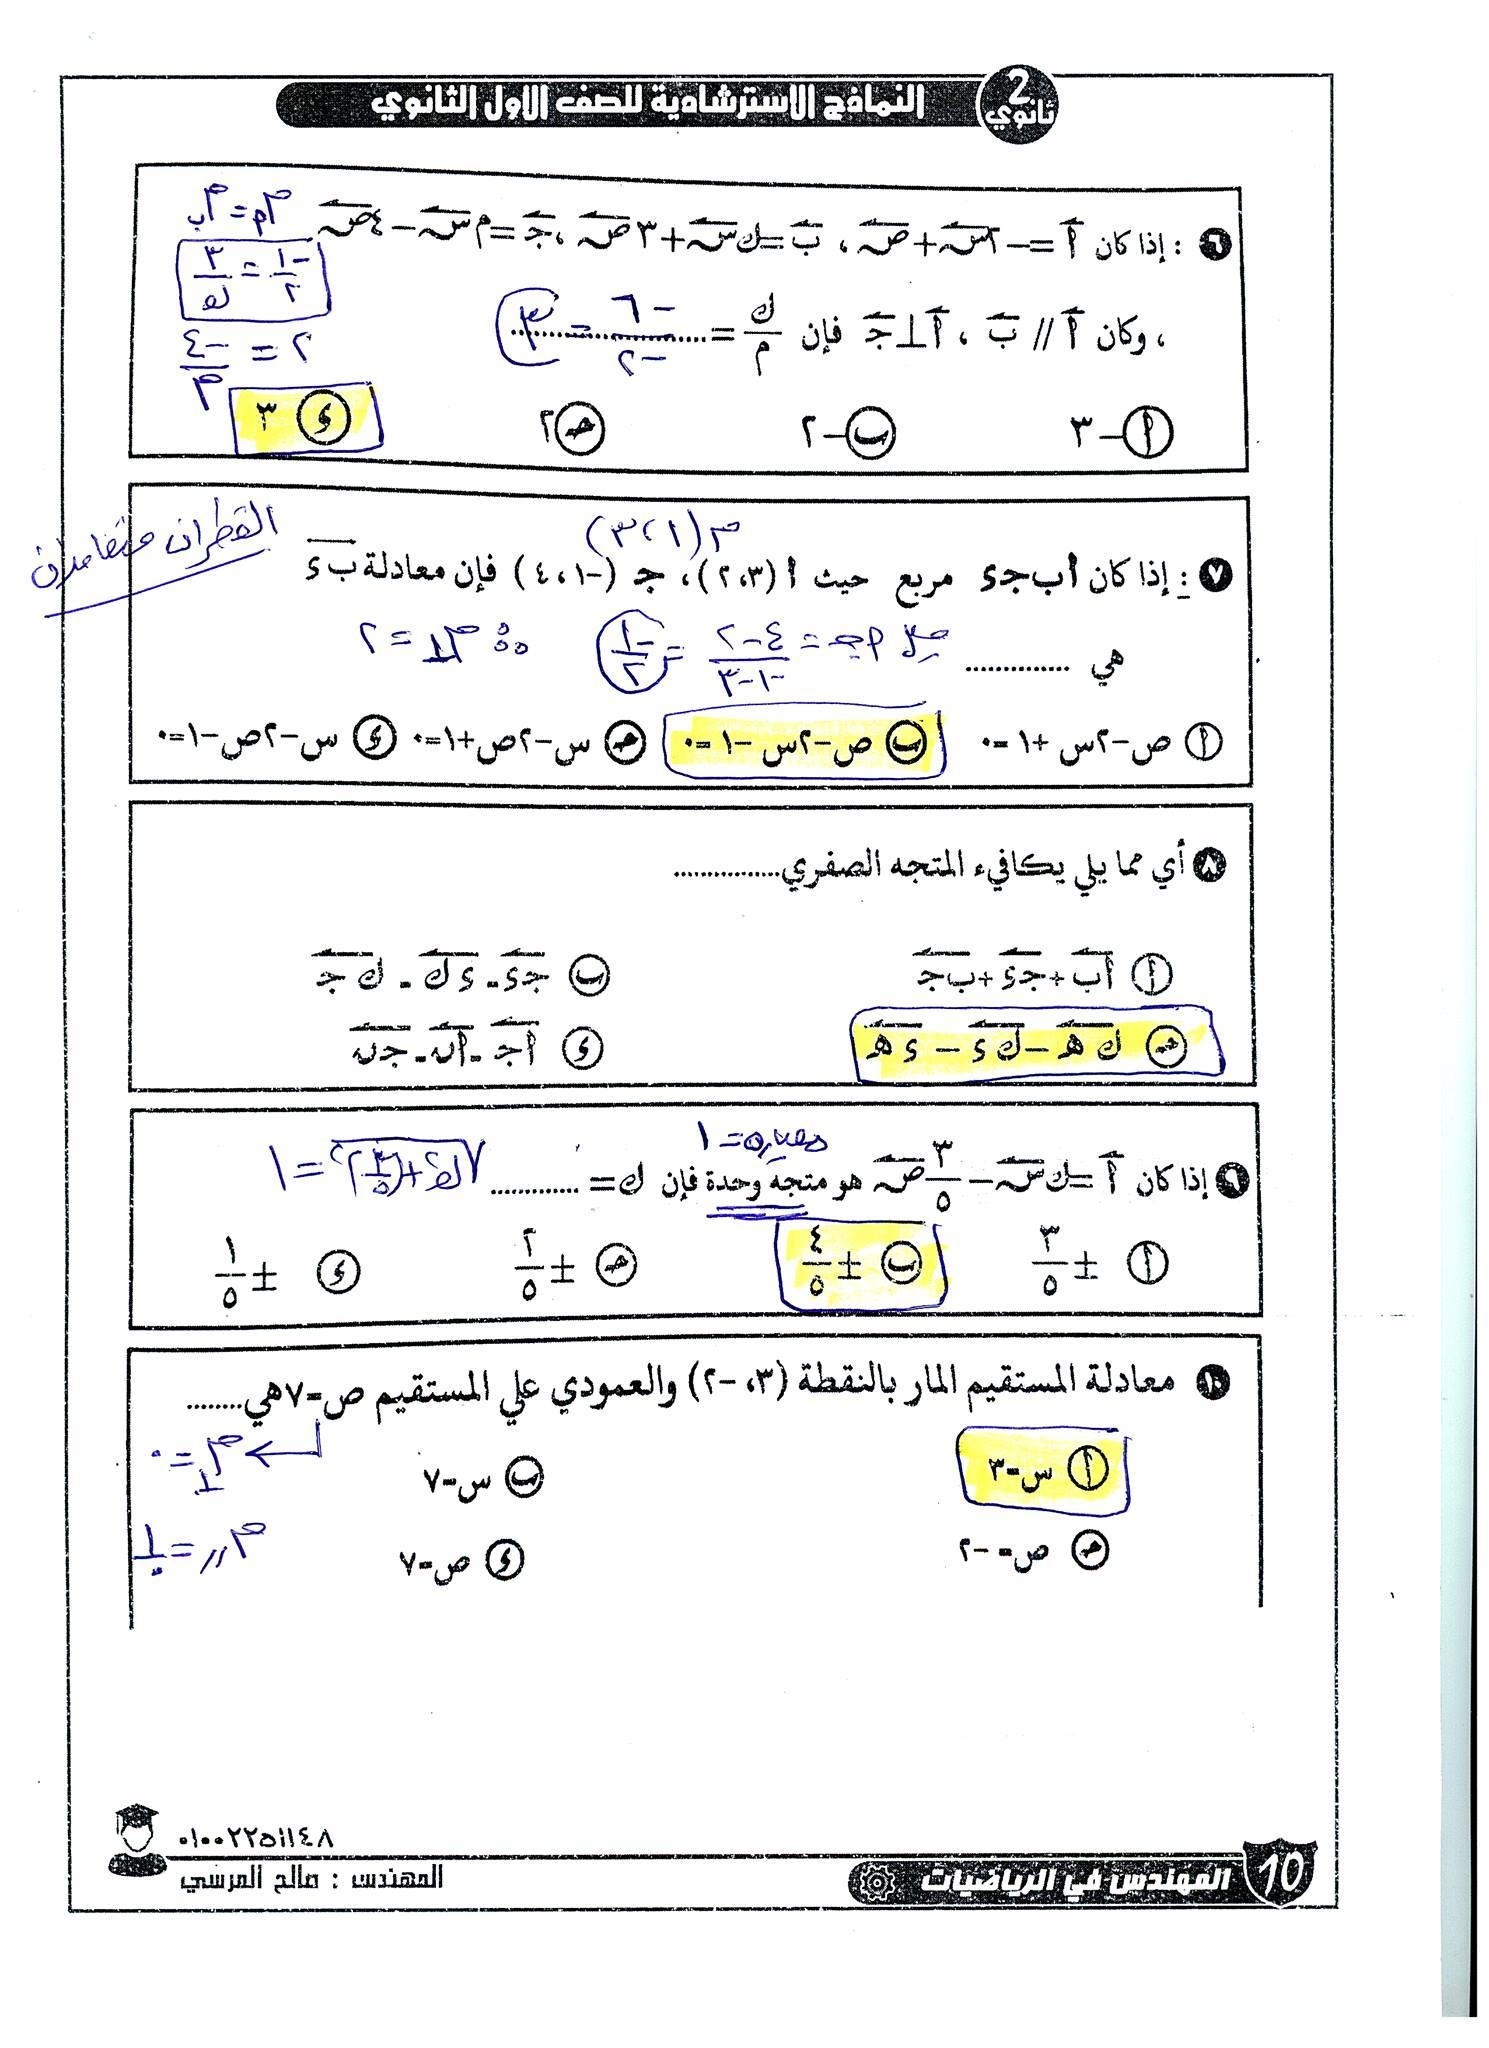 مراجعة ليلة الامتحان رياضيات للصف الأول الثانوي ترم ثاني.. ملخص كامل متكامل للقوانين و حل النماذج الاسترشادية 16